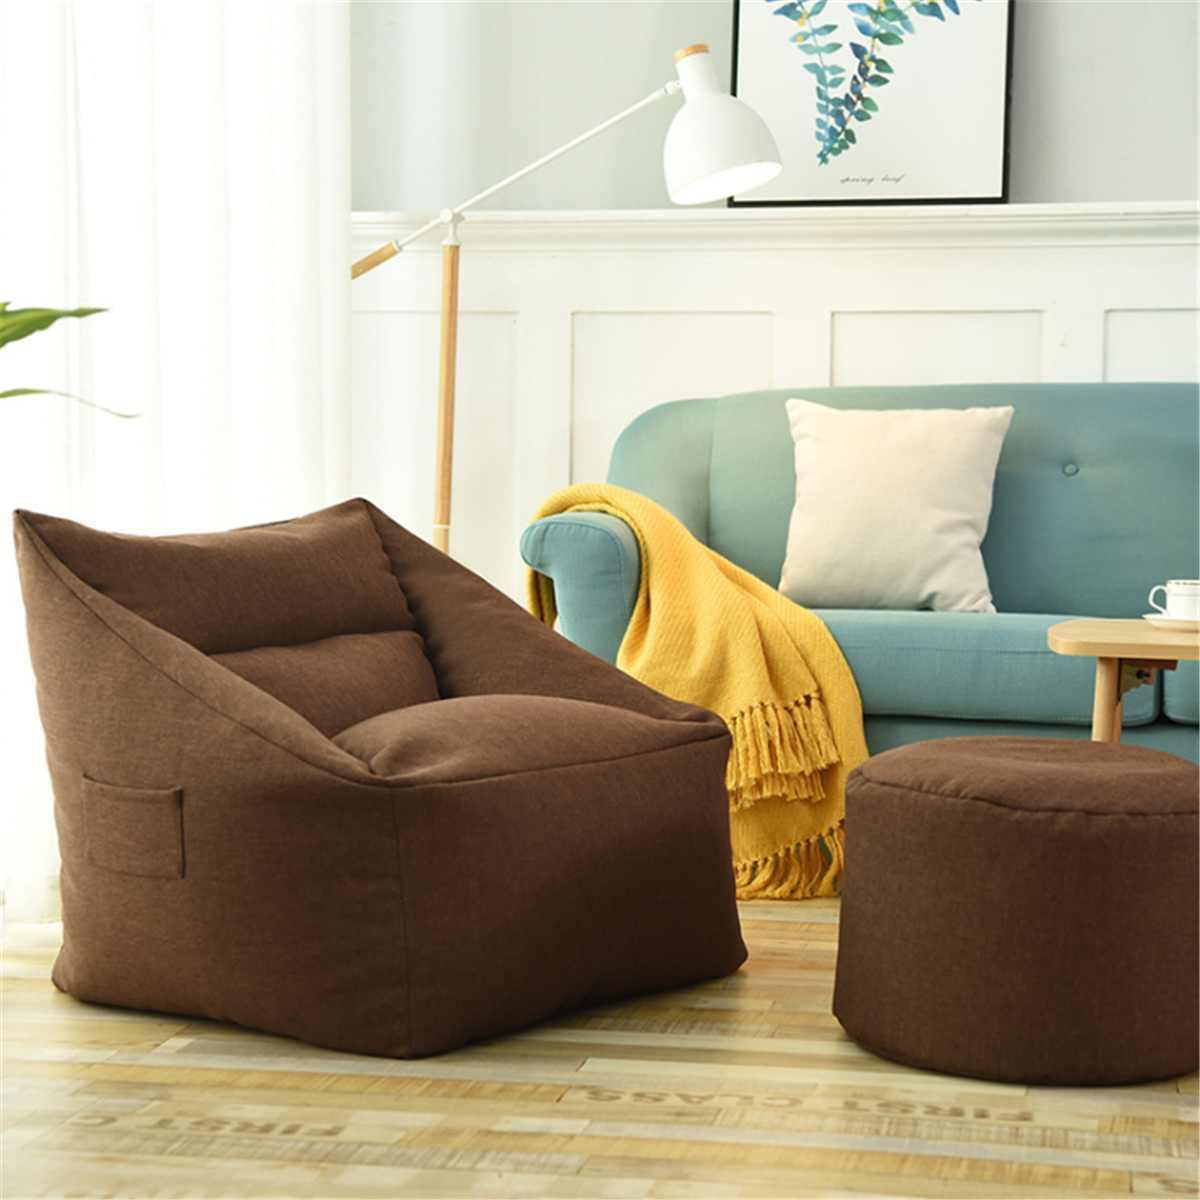 Lavável Sofás Beanbag Preguiçoso Sofá do Saco de Feijão Tampa da Cadeira de Assento Interior À Prova D' Água Grande Tampa do Saco de Feijão Poltrona Aconchegante Jogo Amarelo